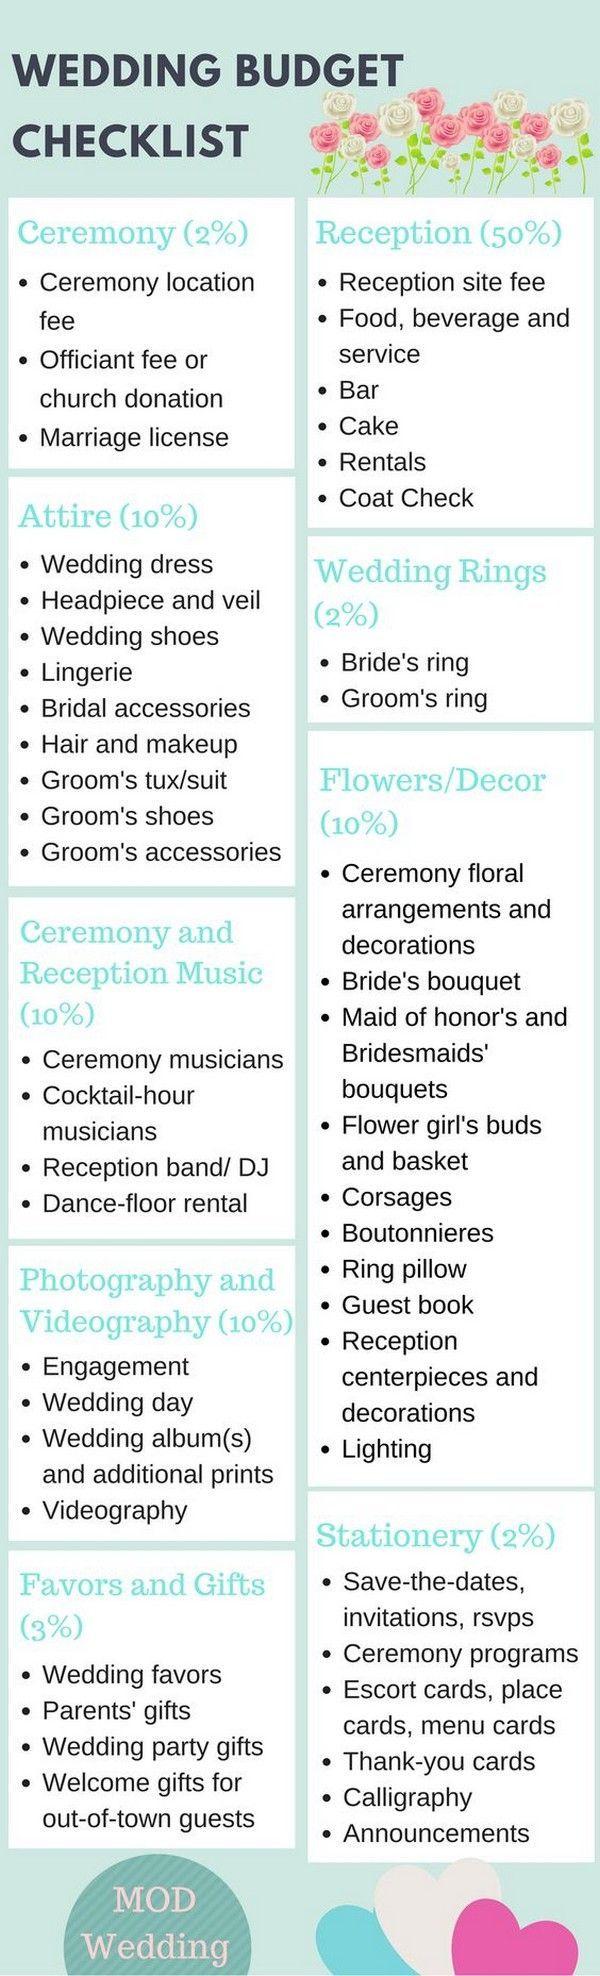 bridal dress hochzeitsplaner 15 beste Fotos